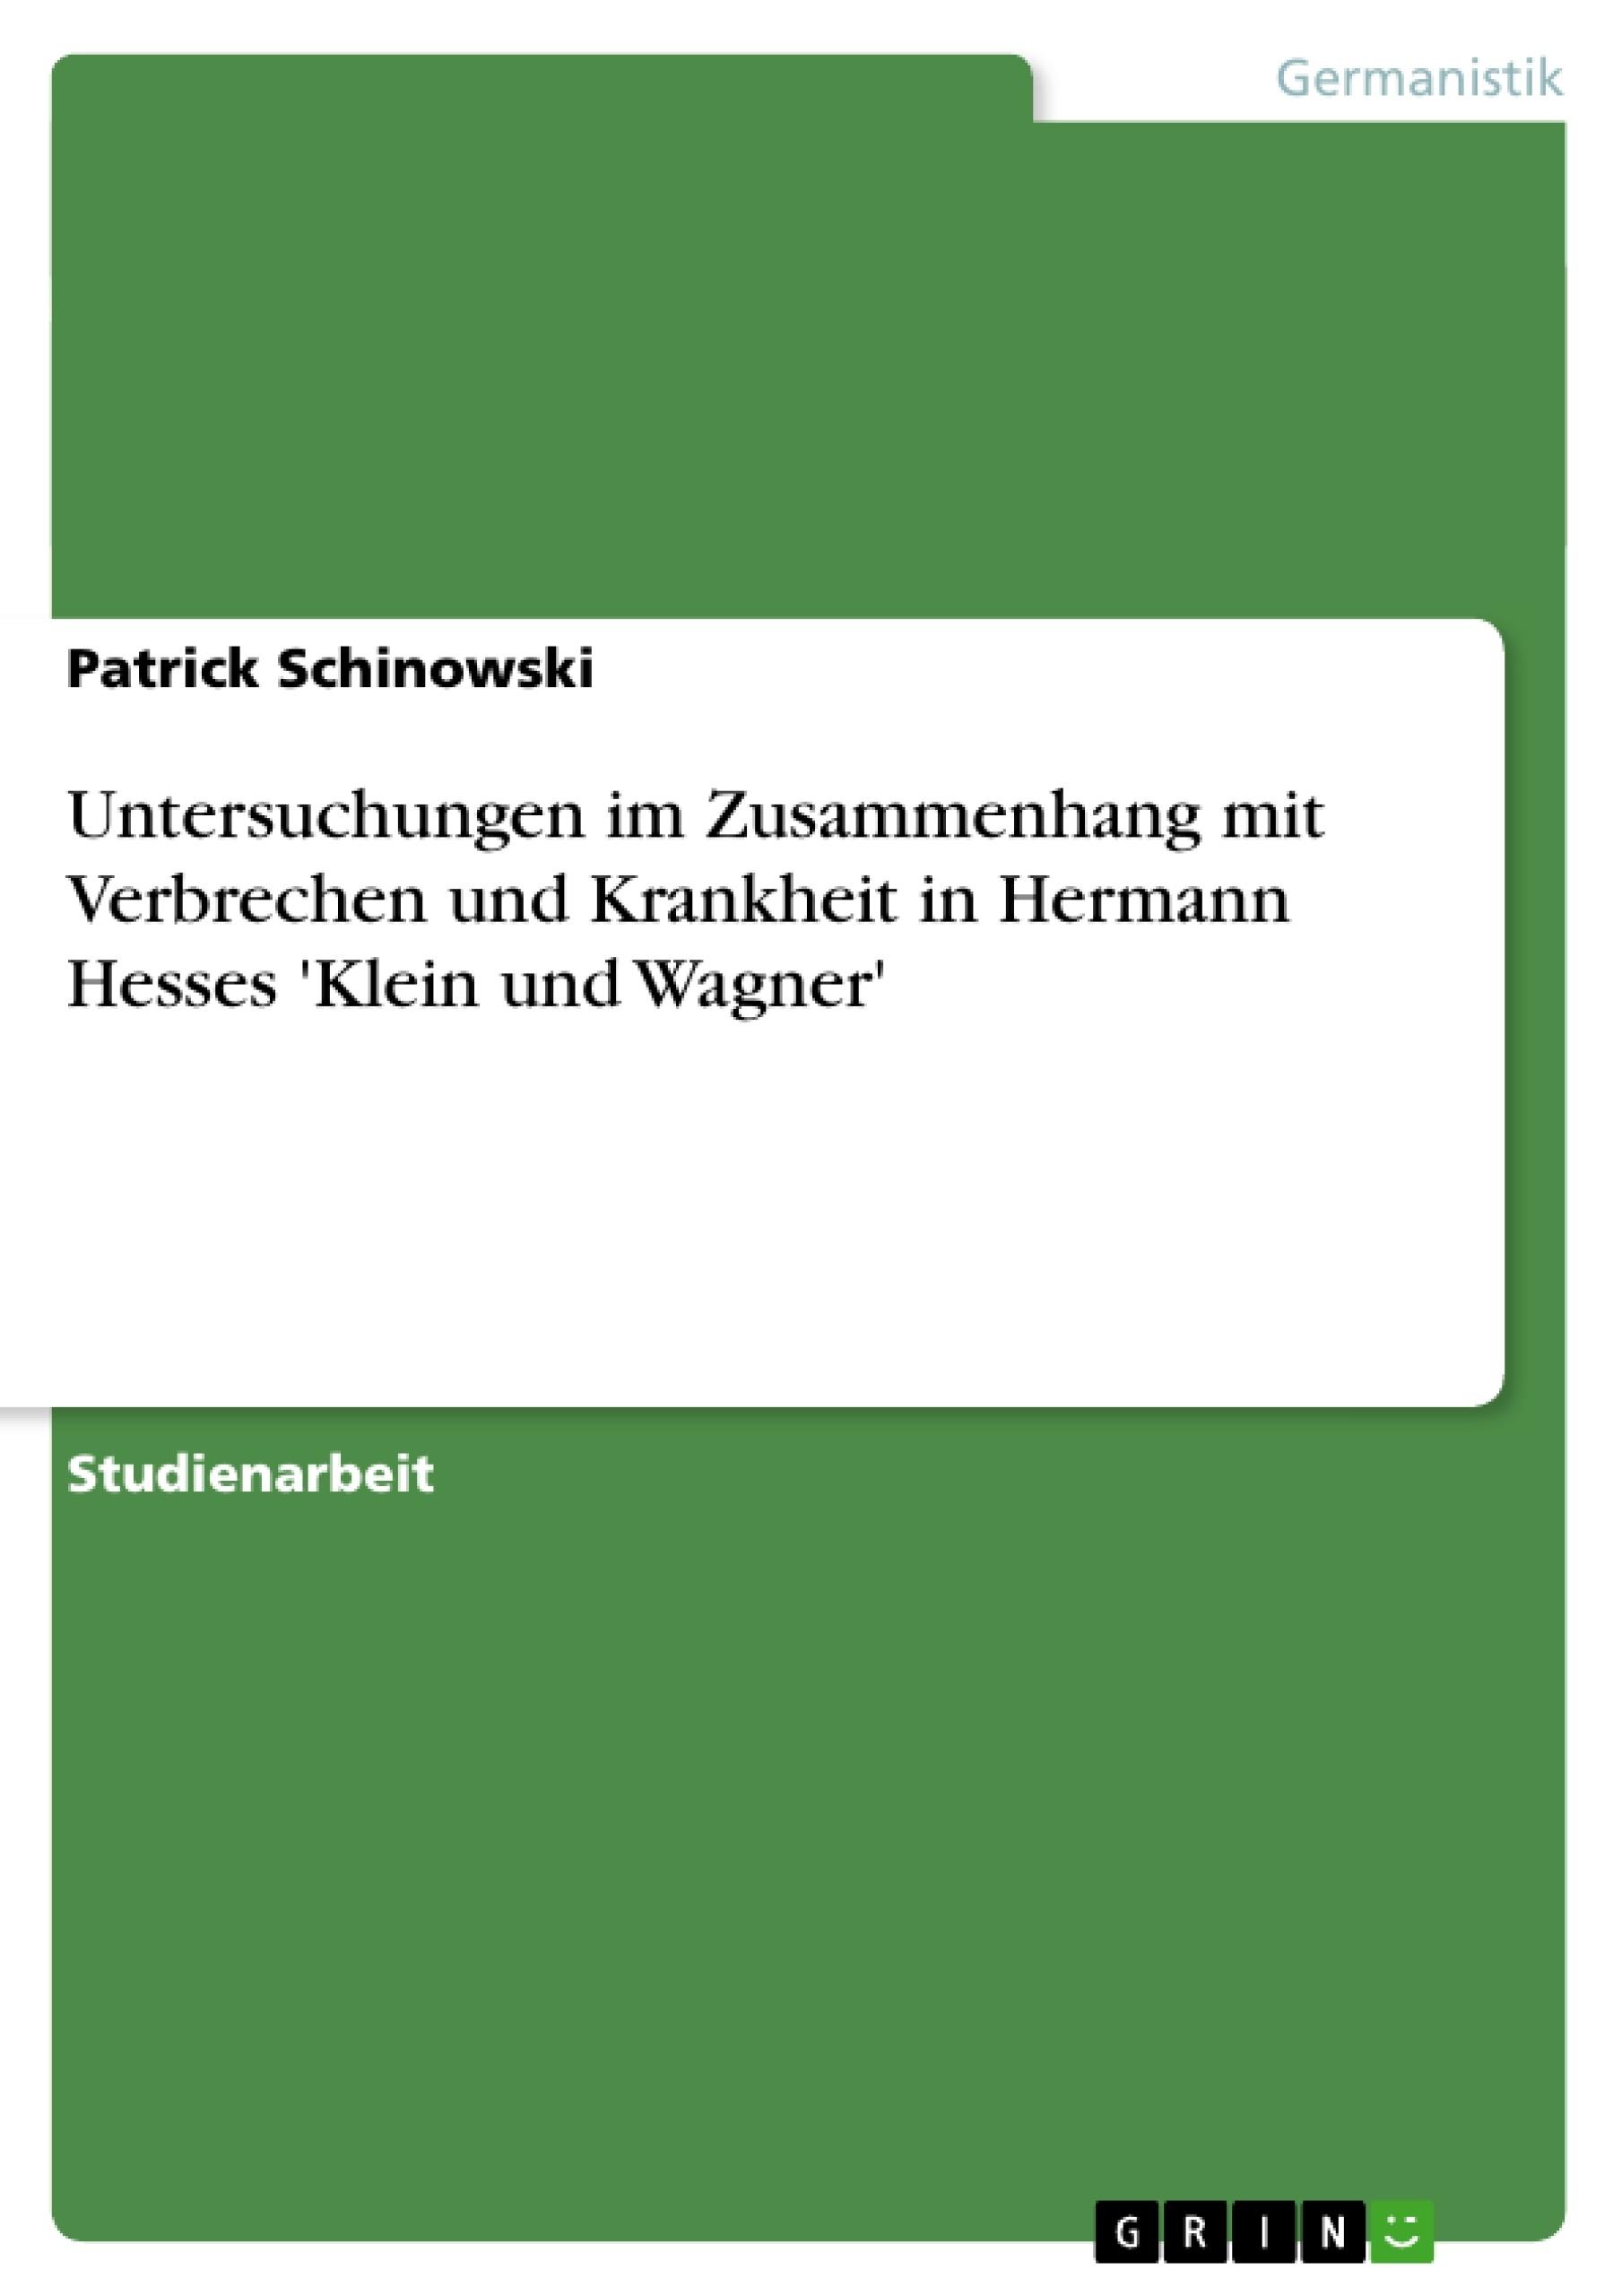 Titel: Untersuchungen im Zusammenhang mit Verbrechen und Krankheit in Hermann Hesses 'Klein und Wagner'